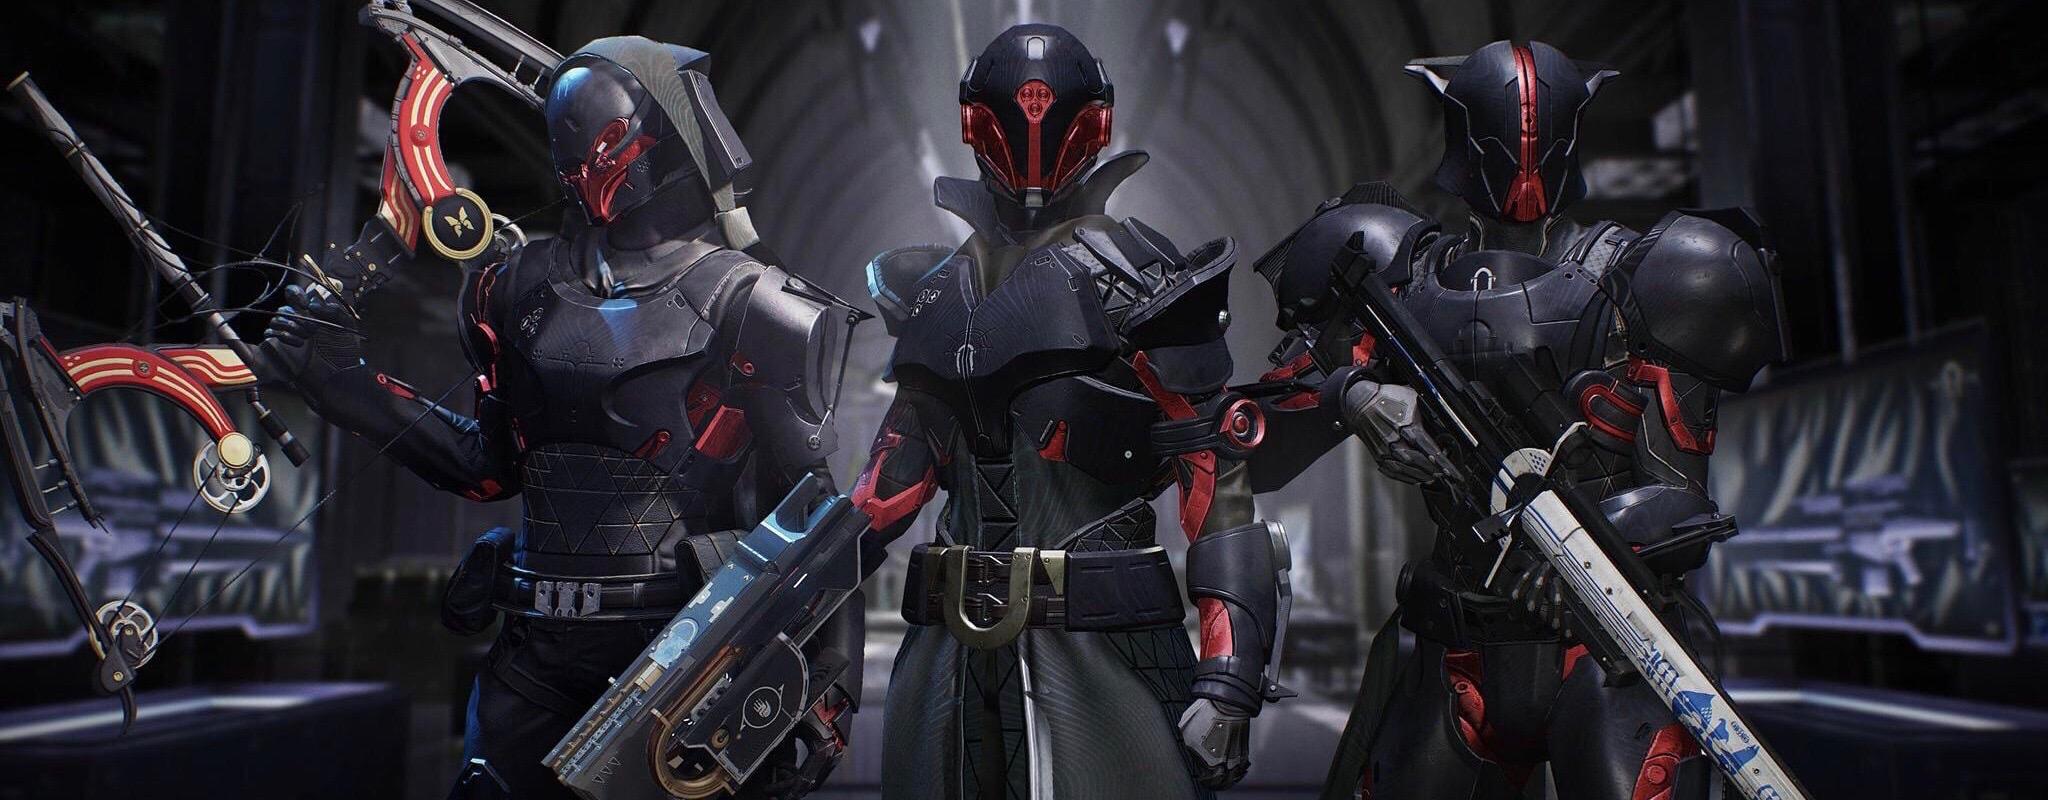 Sony offenbar Grund dafür, dass Destiny 2 keinen Charakter-Transfer bietet